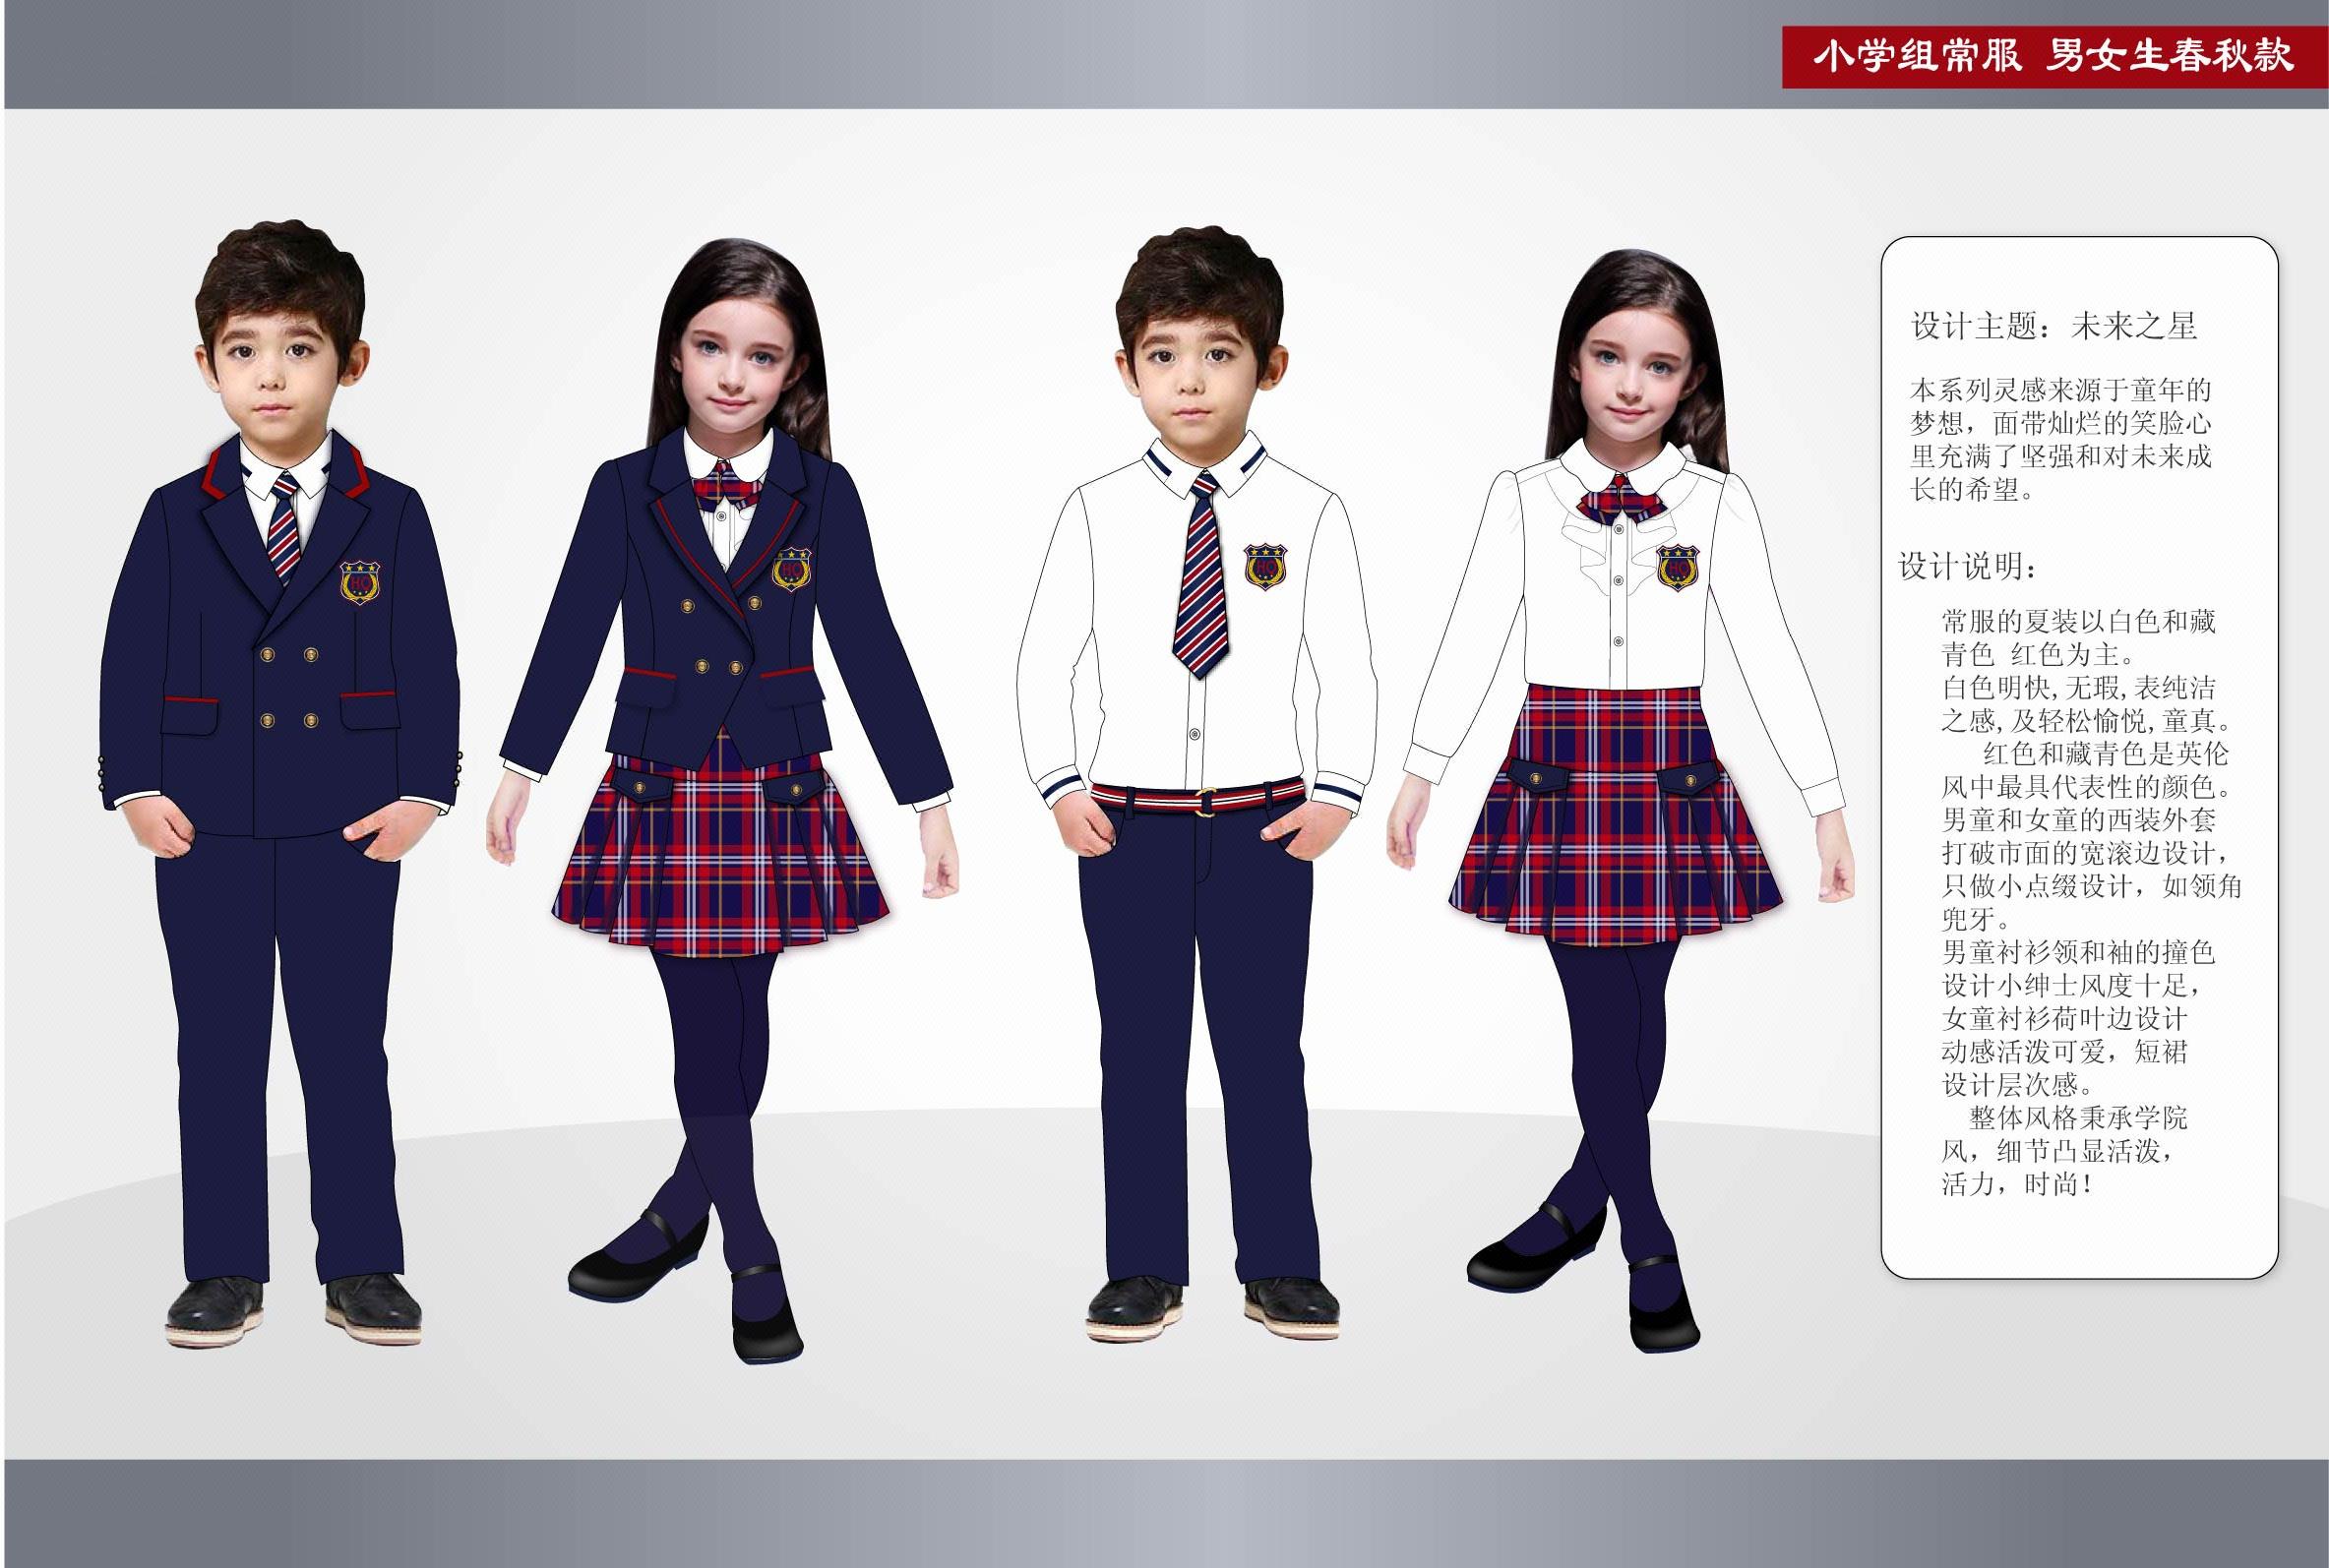 服装设计童装设计校服设计英伦校服 日韩校服幼儿园校服团队服装